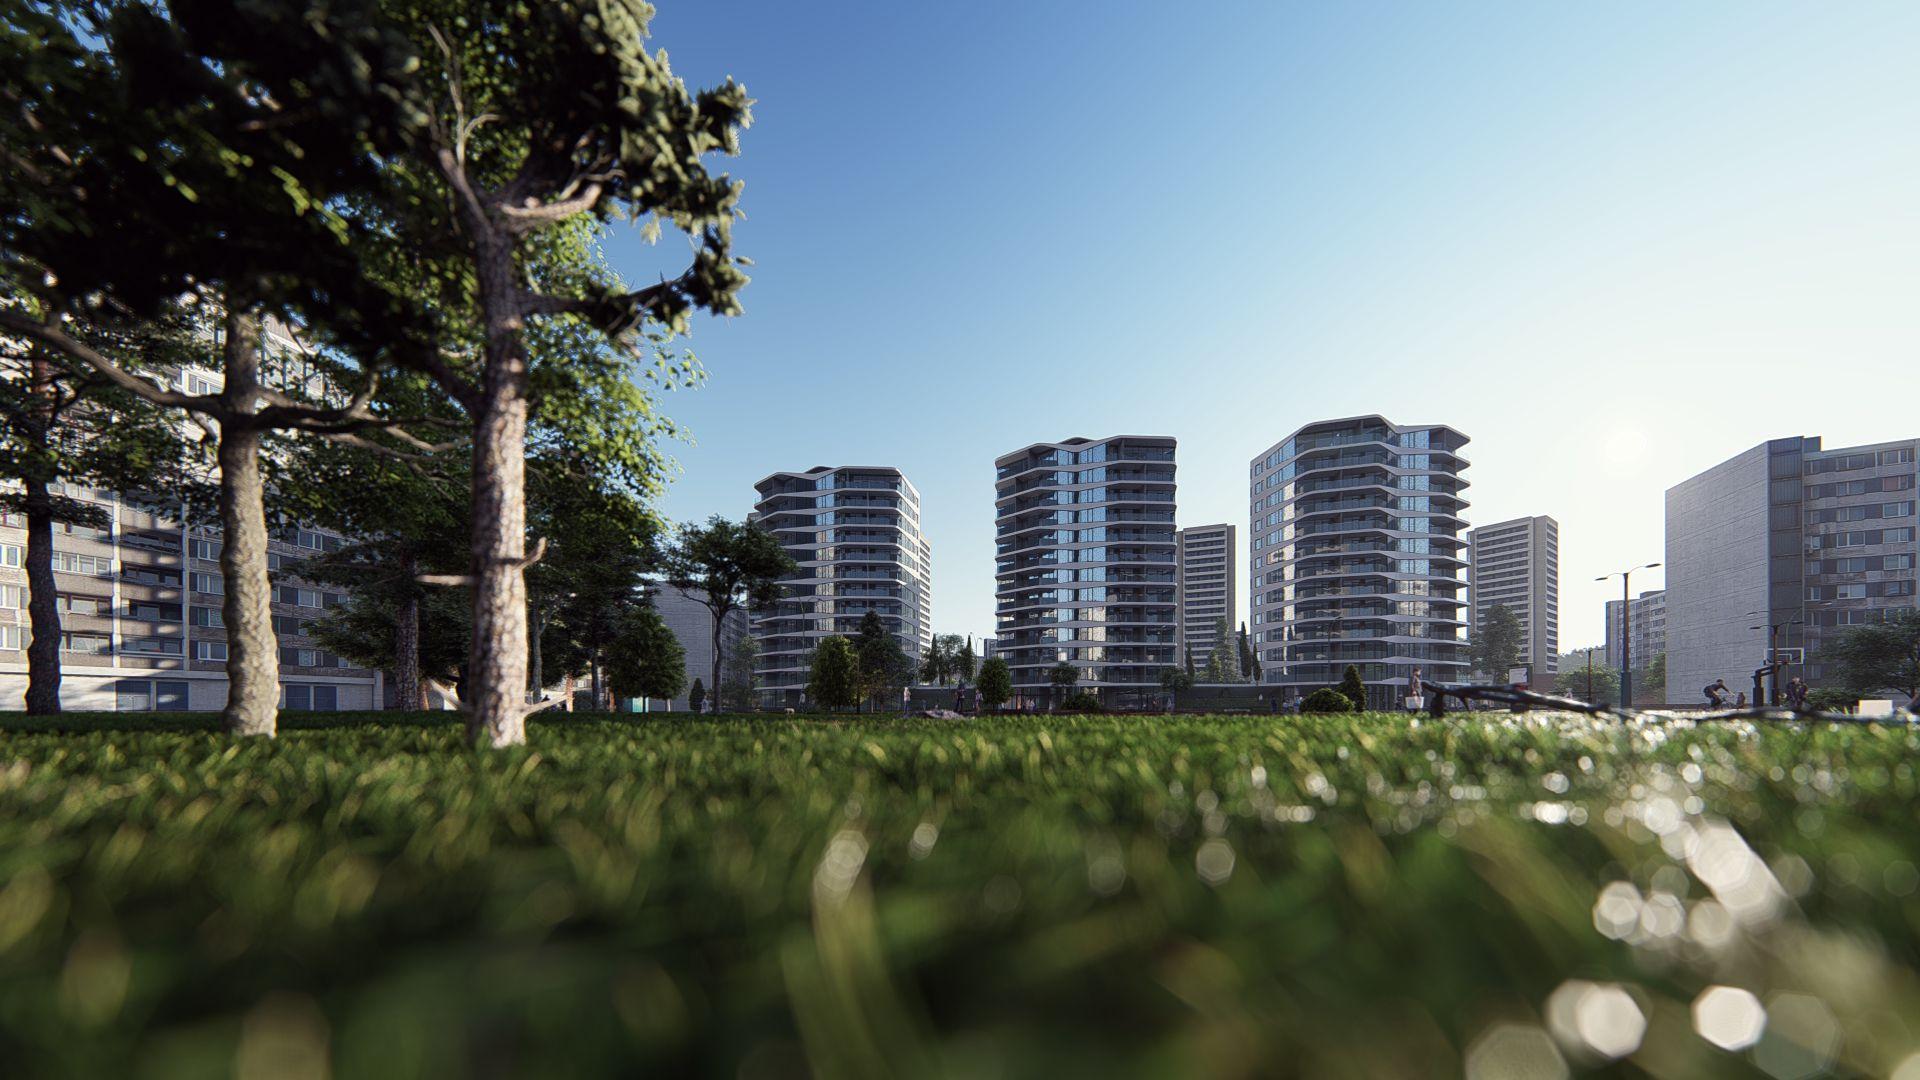 arhitektuurne 3d visualiseerimine skyline 4 12